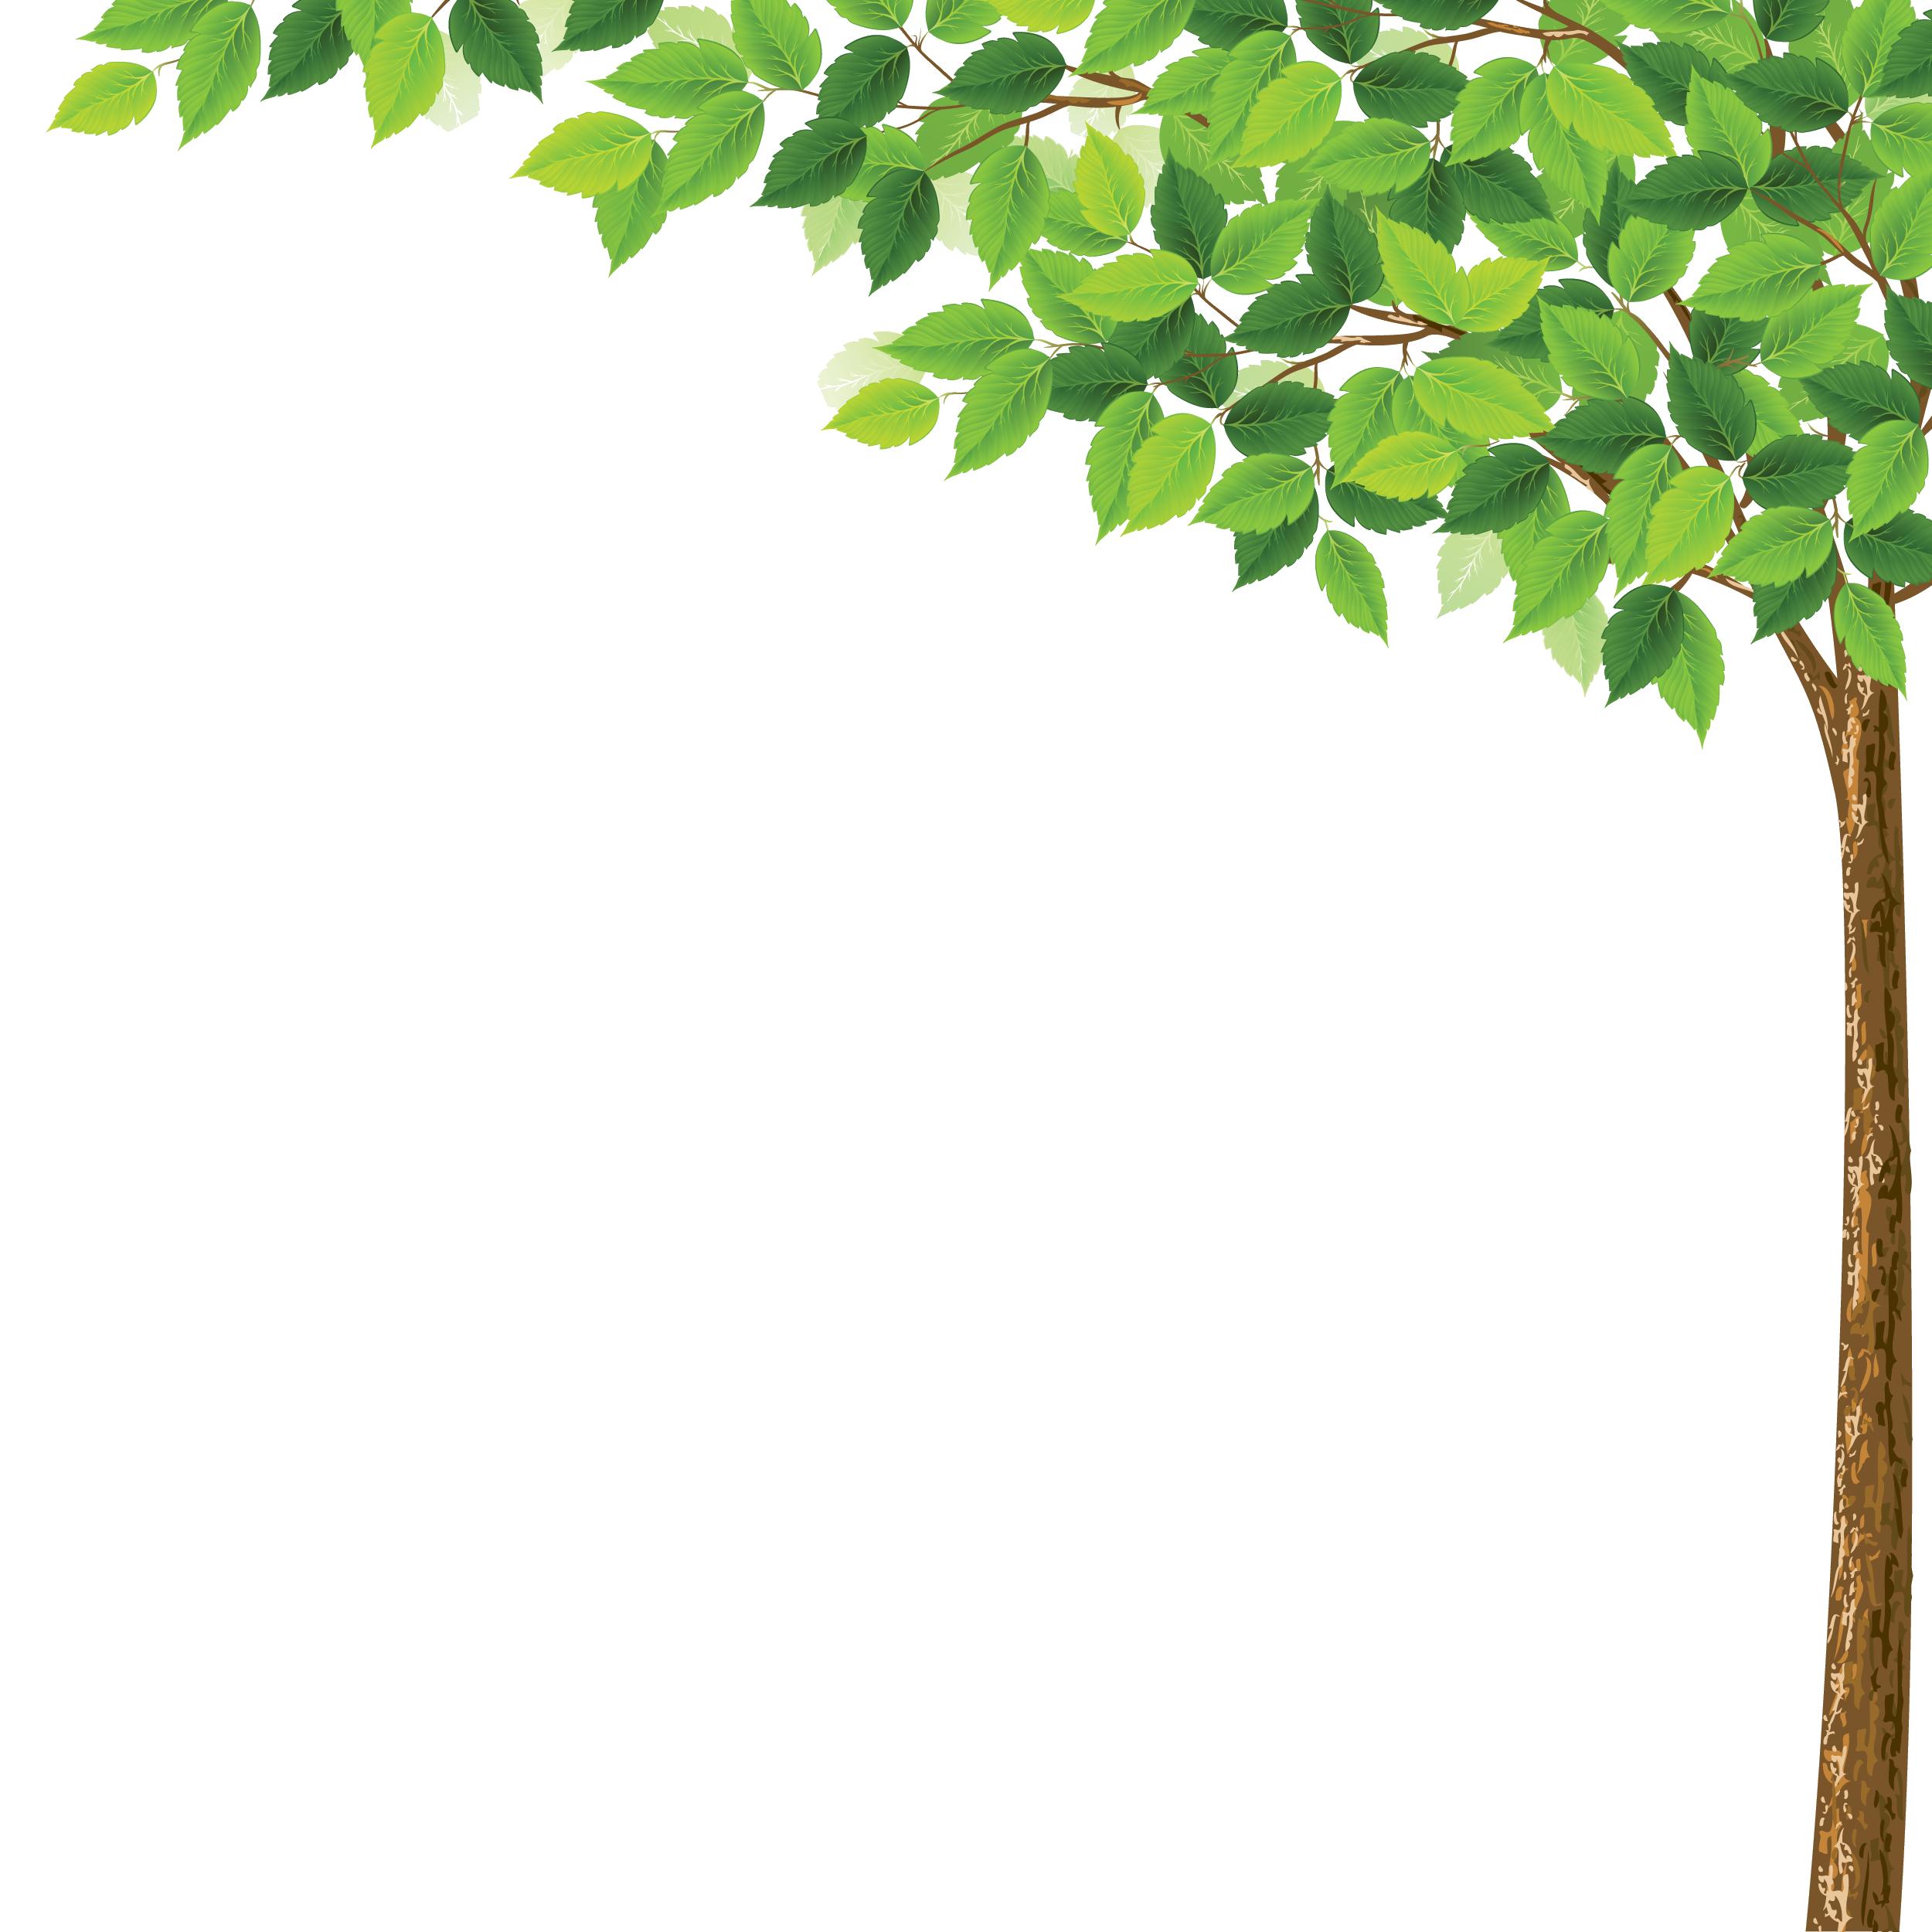 葉っぱや草木のイラスト/壁紙・背景no.057『夏の樹木・透過色』